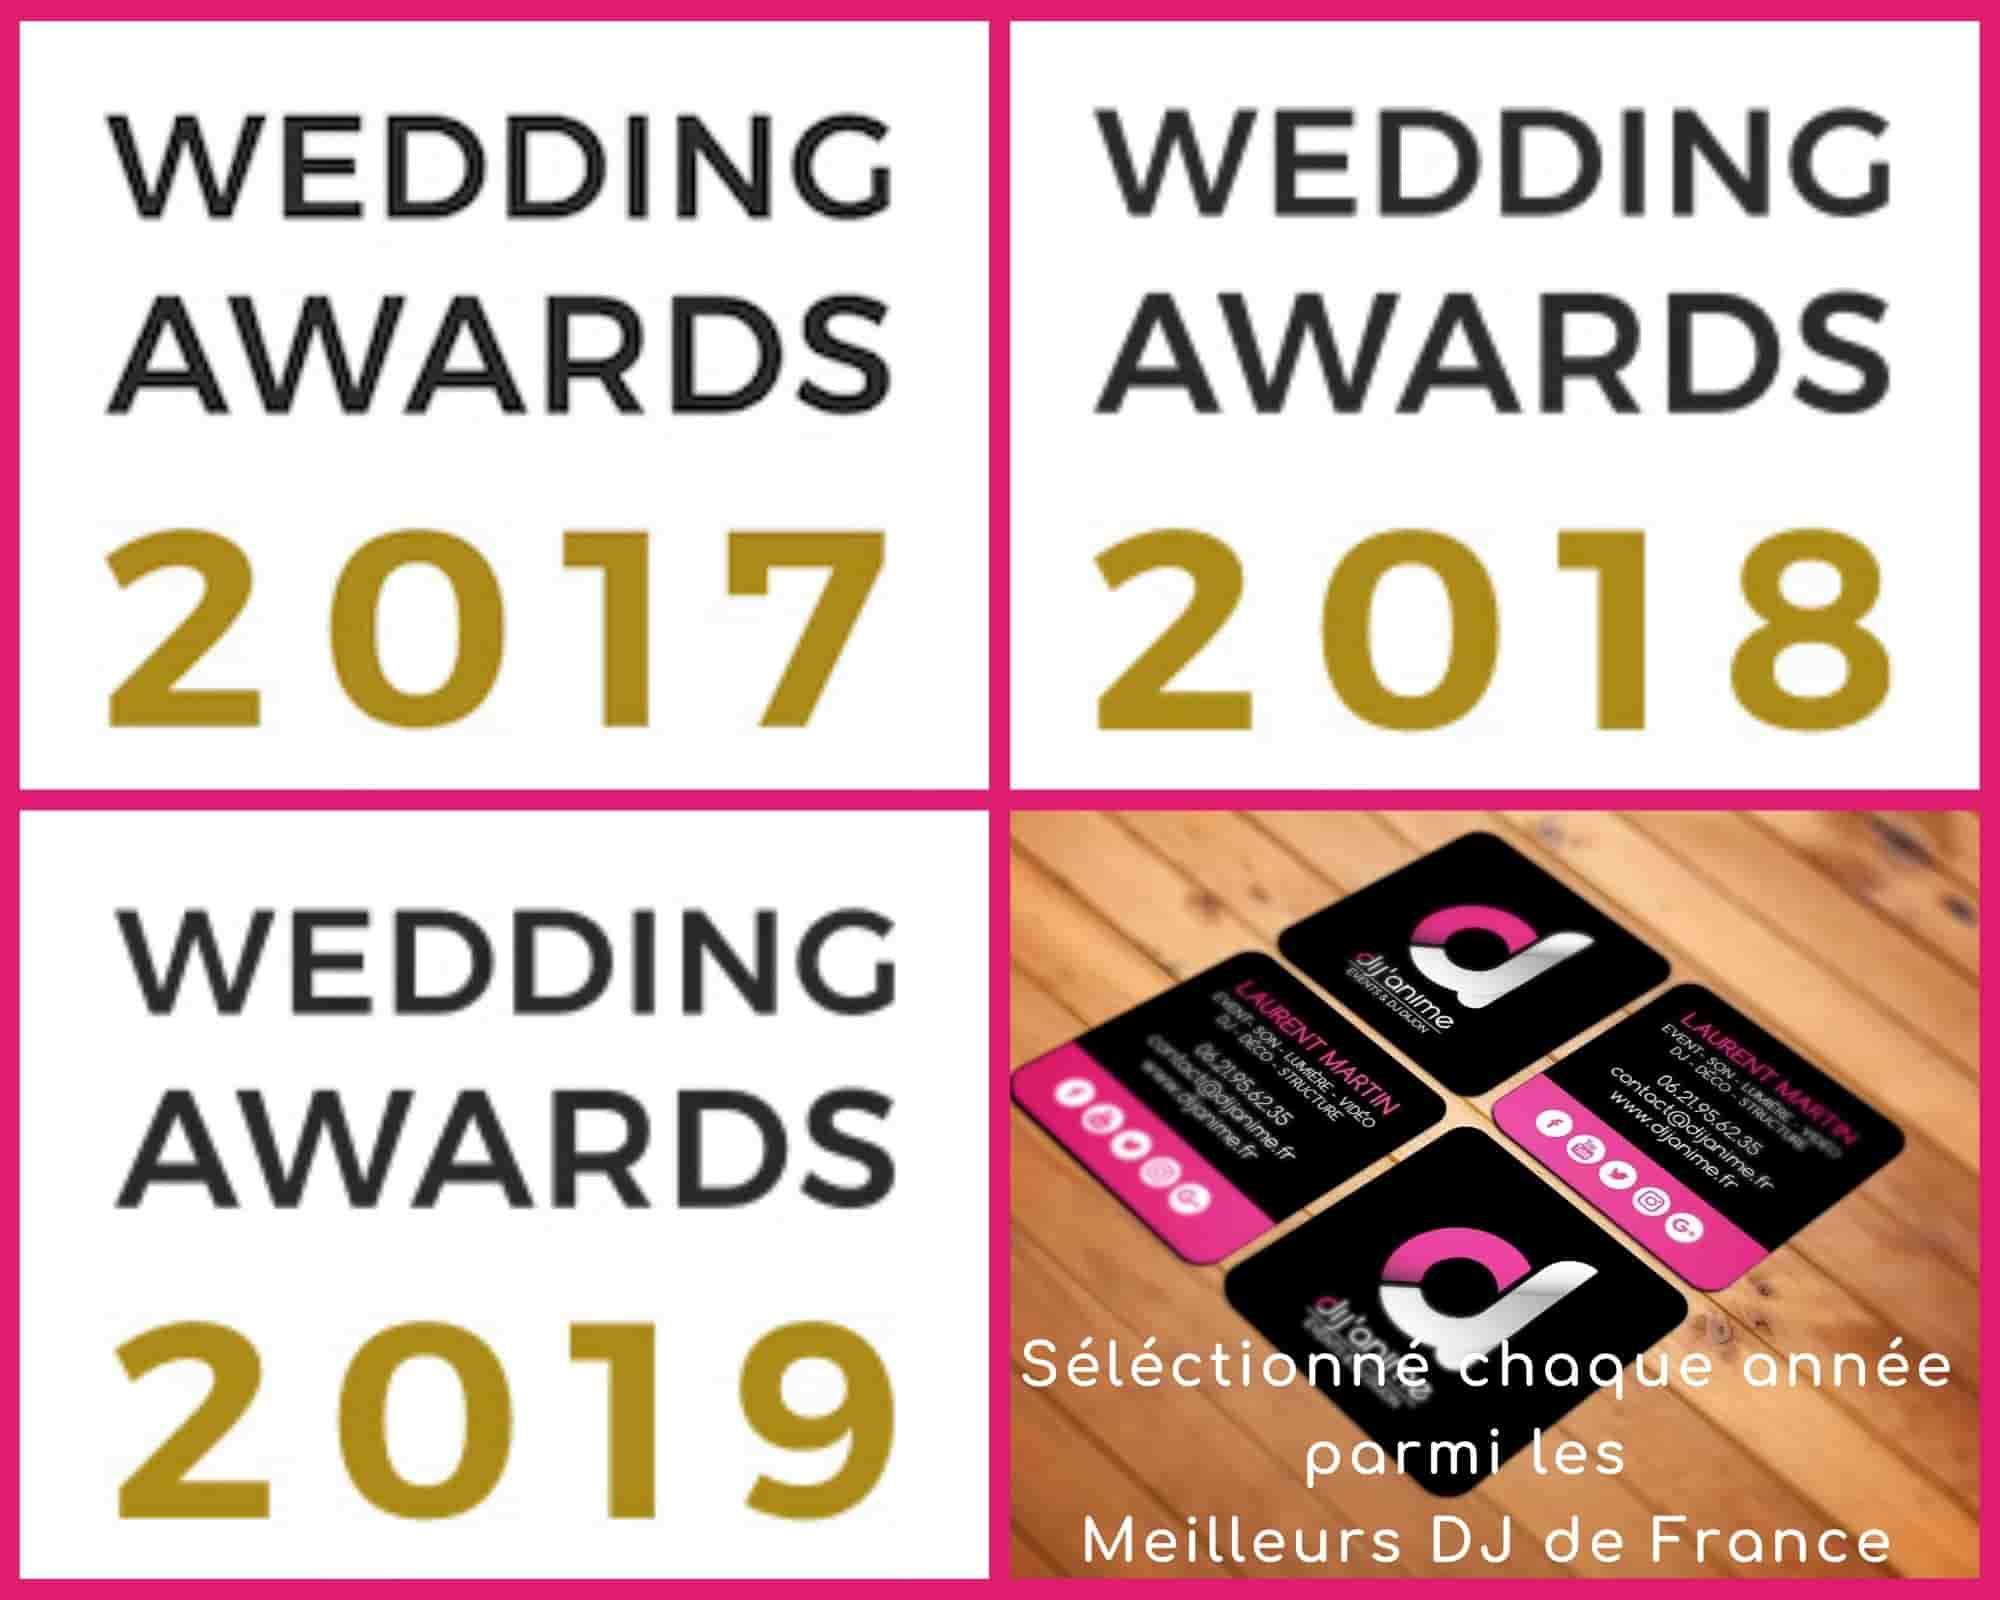 Wedding awards 2018 des meilleures entreprises du domaine nuptial et meilleur dj de france